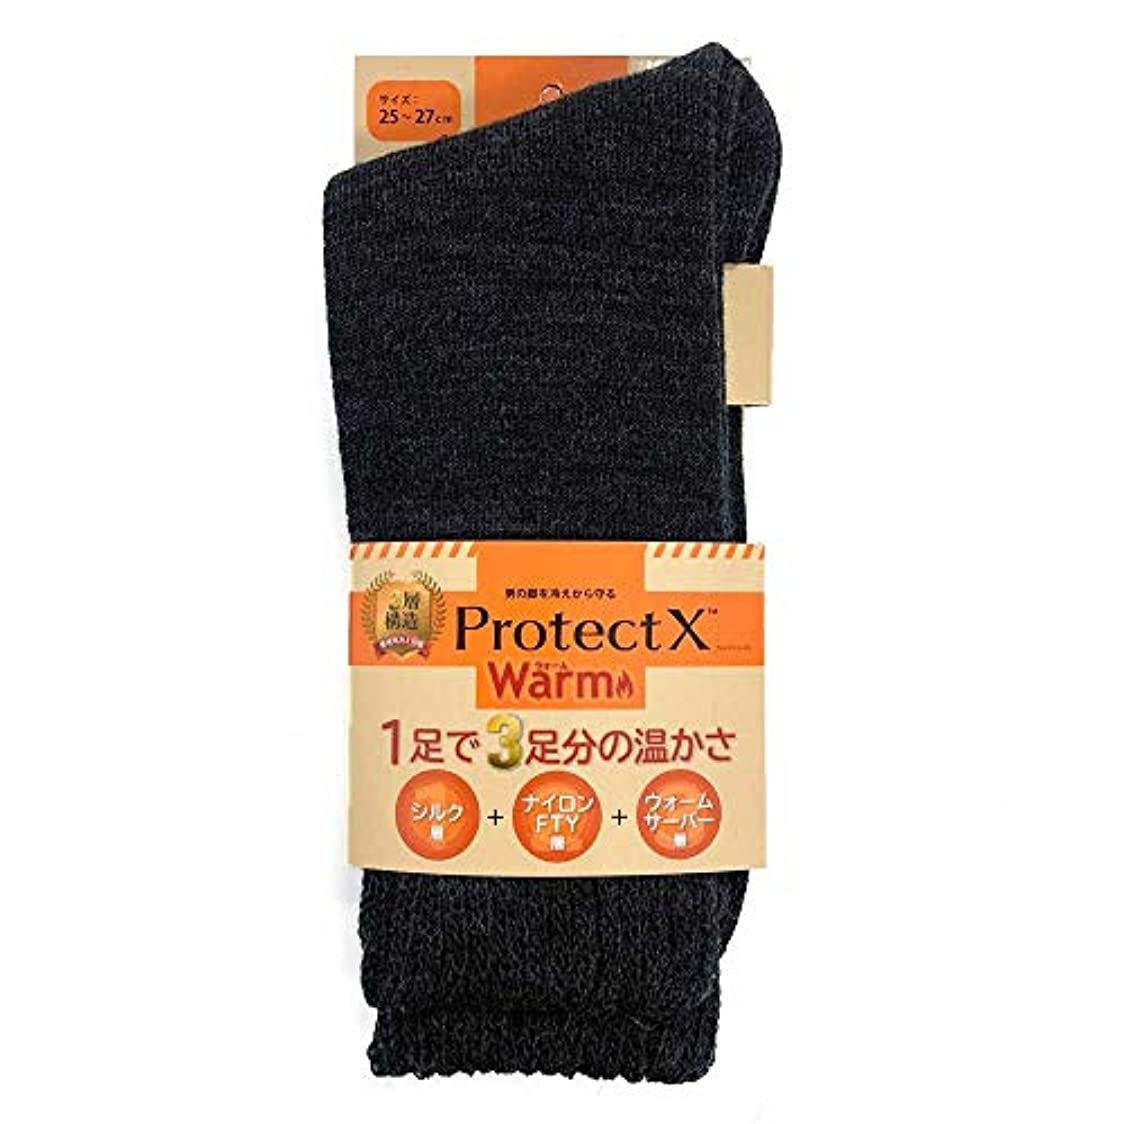 最少差別する純粋な冷え性対策 履き口柔らか 男性用冷え対策 シルク100%(内側) 3層構造 防寒ソックス 25-27cm チャコールグレー